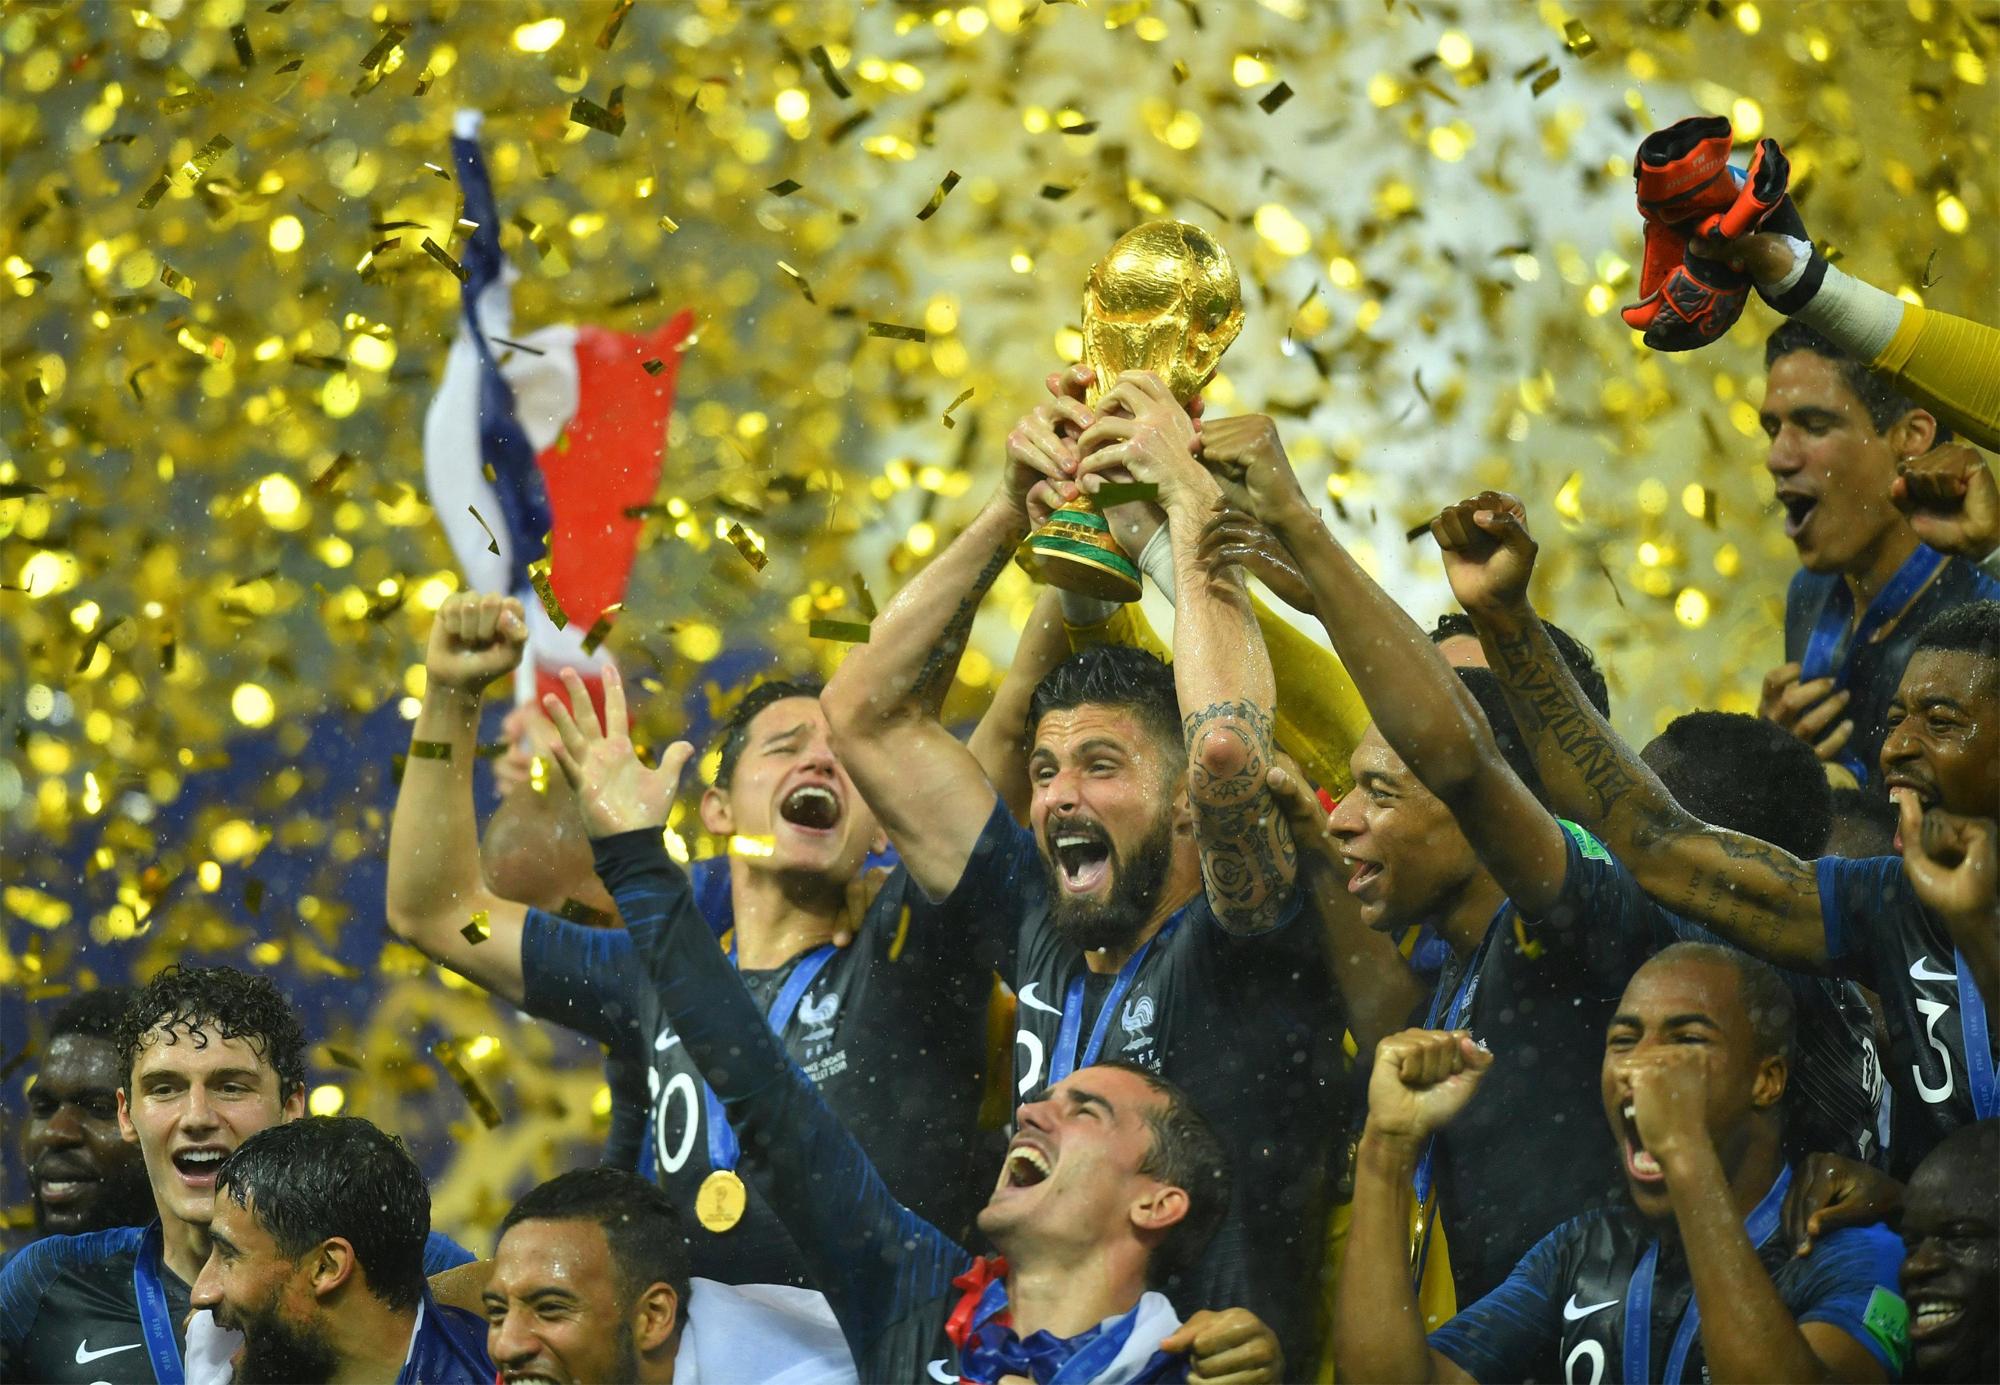 Sự tận tụy vì tập thể là điều khác biệt giúp Giroud có mặt trong thành phần tuyển Pháp vô địch World Cup 2018 - vinh quang mà Benzema có lẽ không bao giờ có được. Ảnh: Reuters